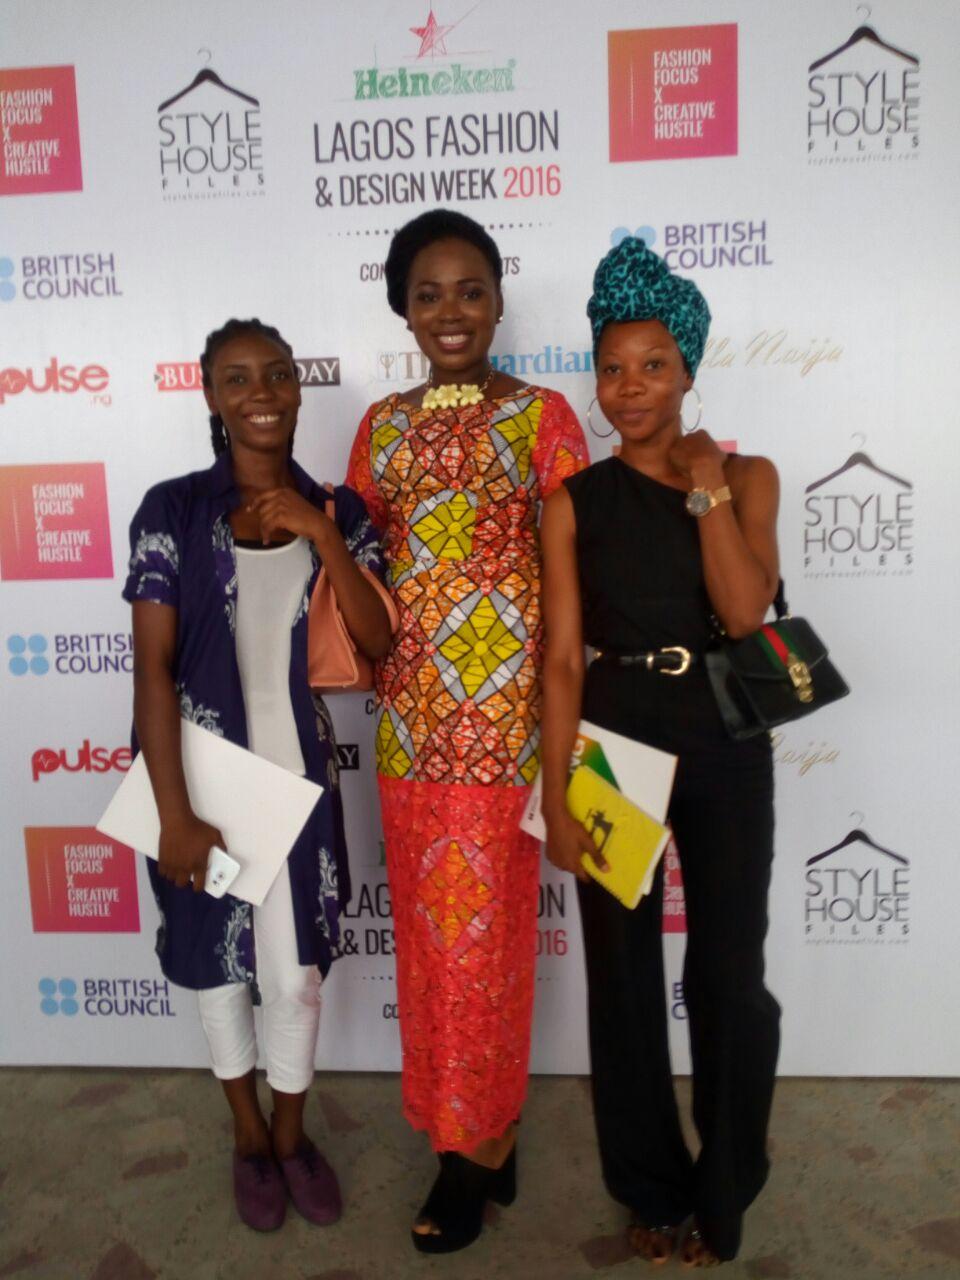 fashion-focus-x-creative-hustle-calabar-11